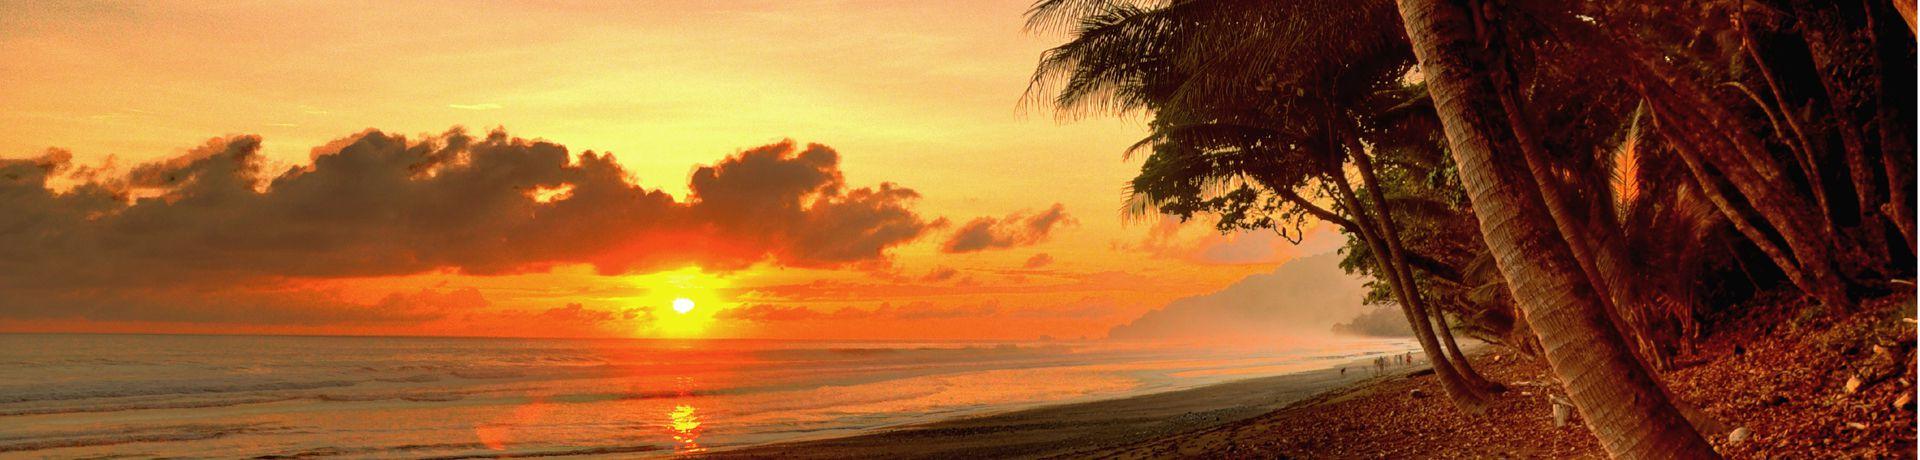 Supertrips - Boomhut in Costa Rica